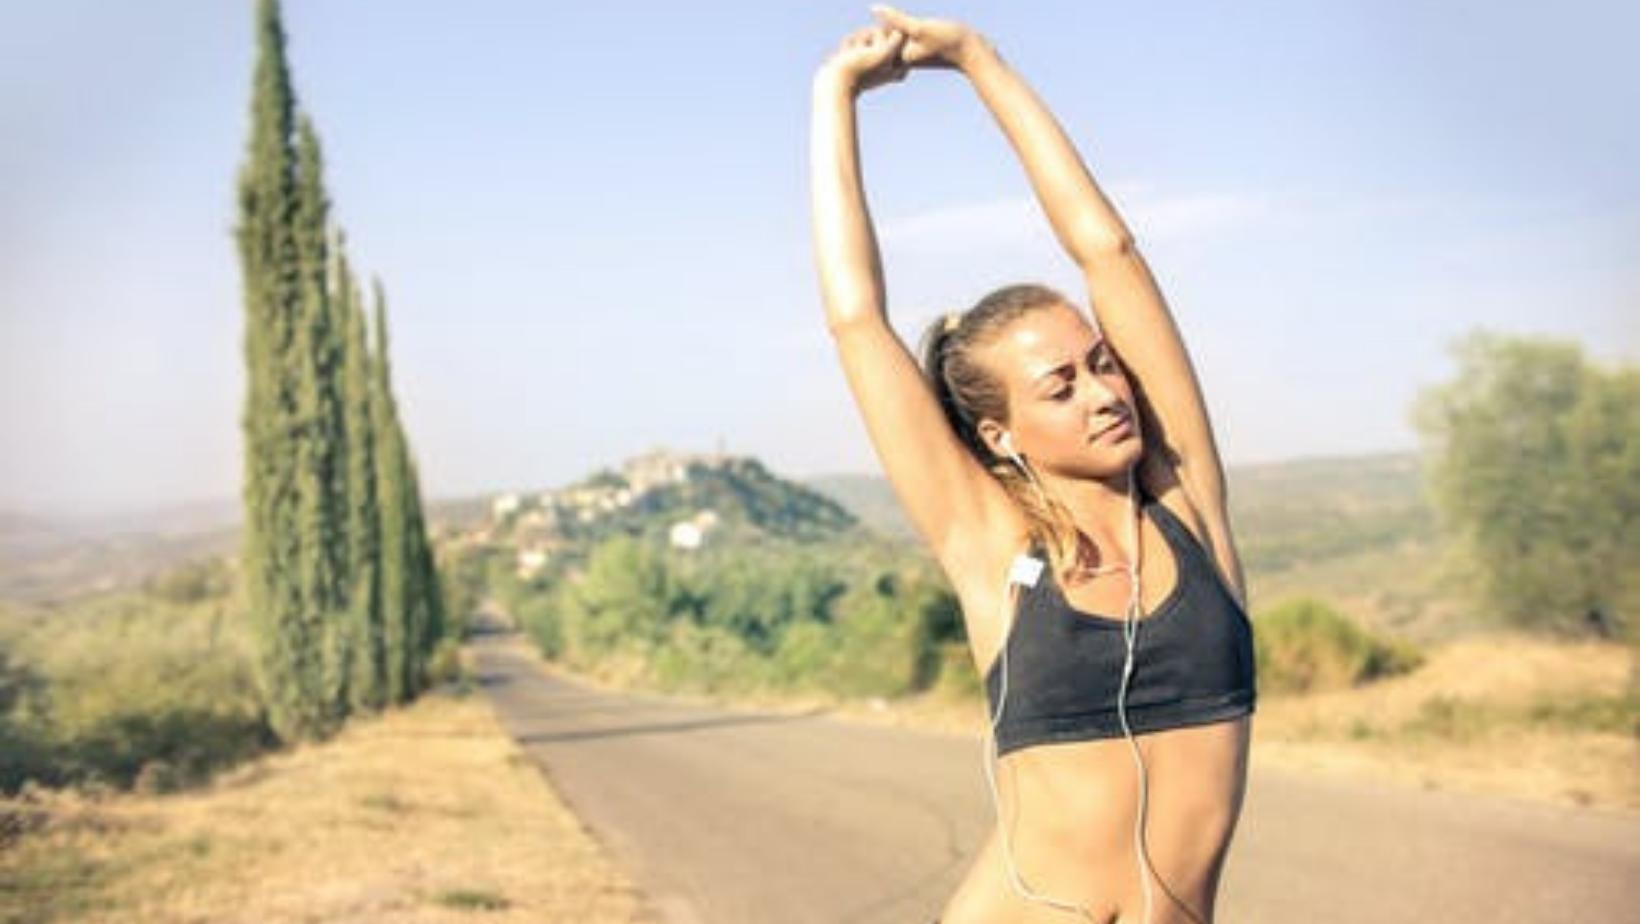 Correre in estate: consigli utili